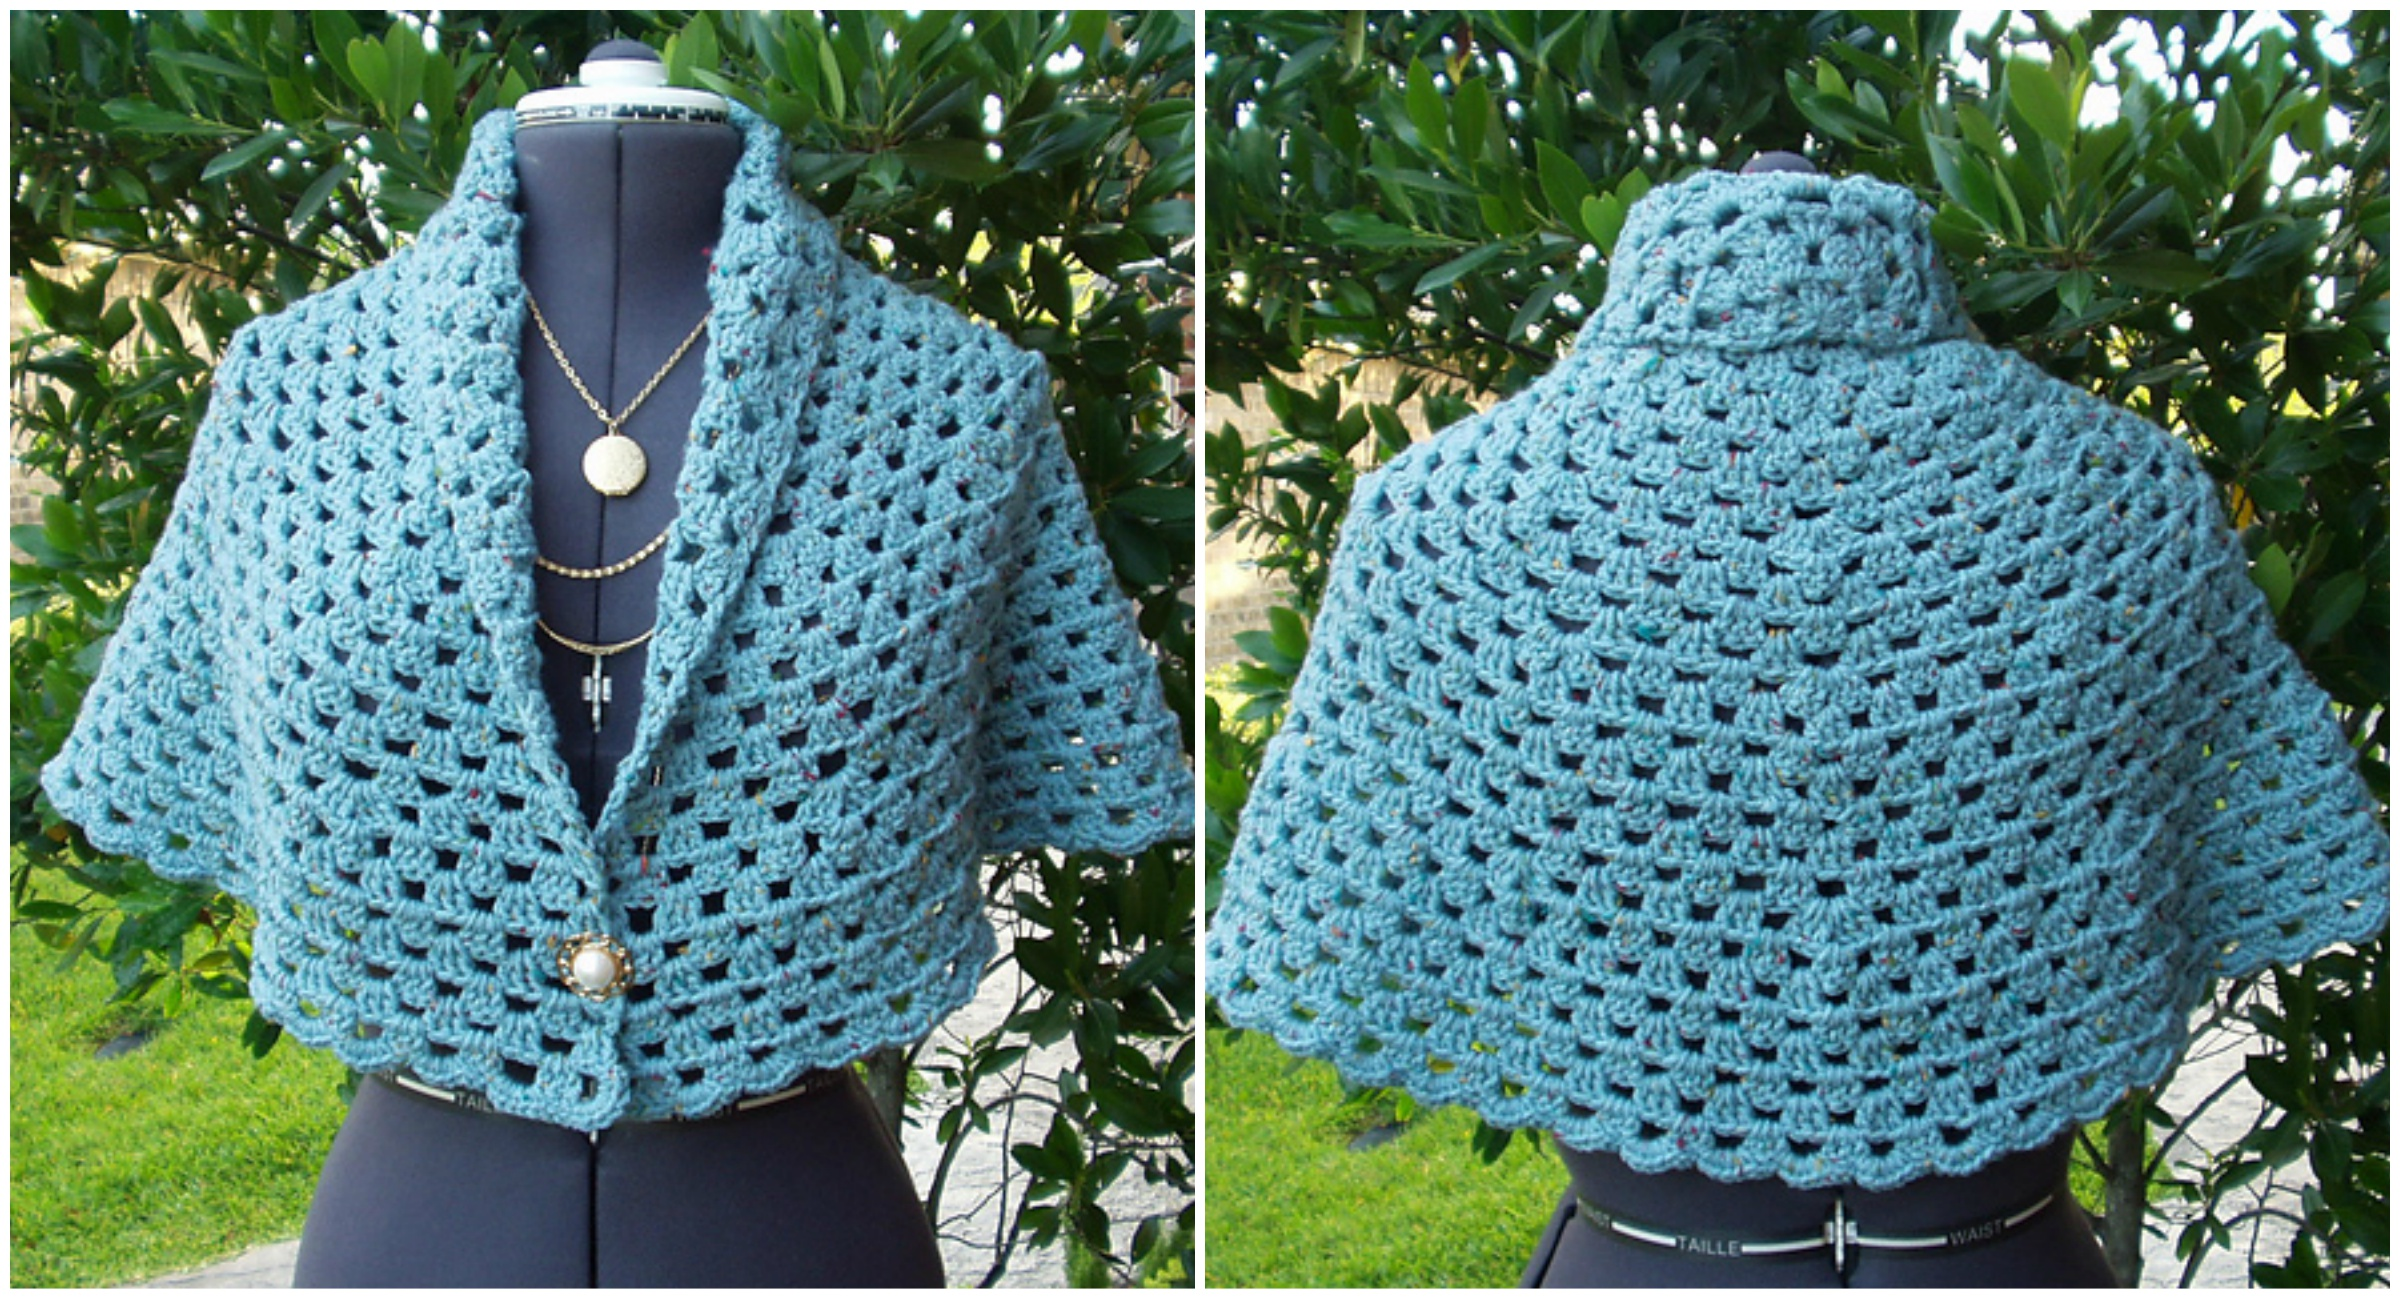 Crochet Shawl (FREE PATTERN)